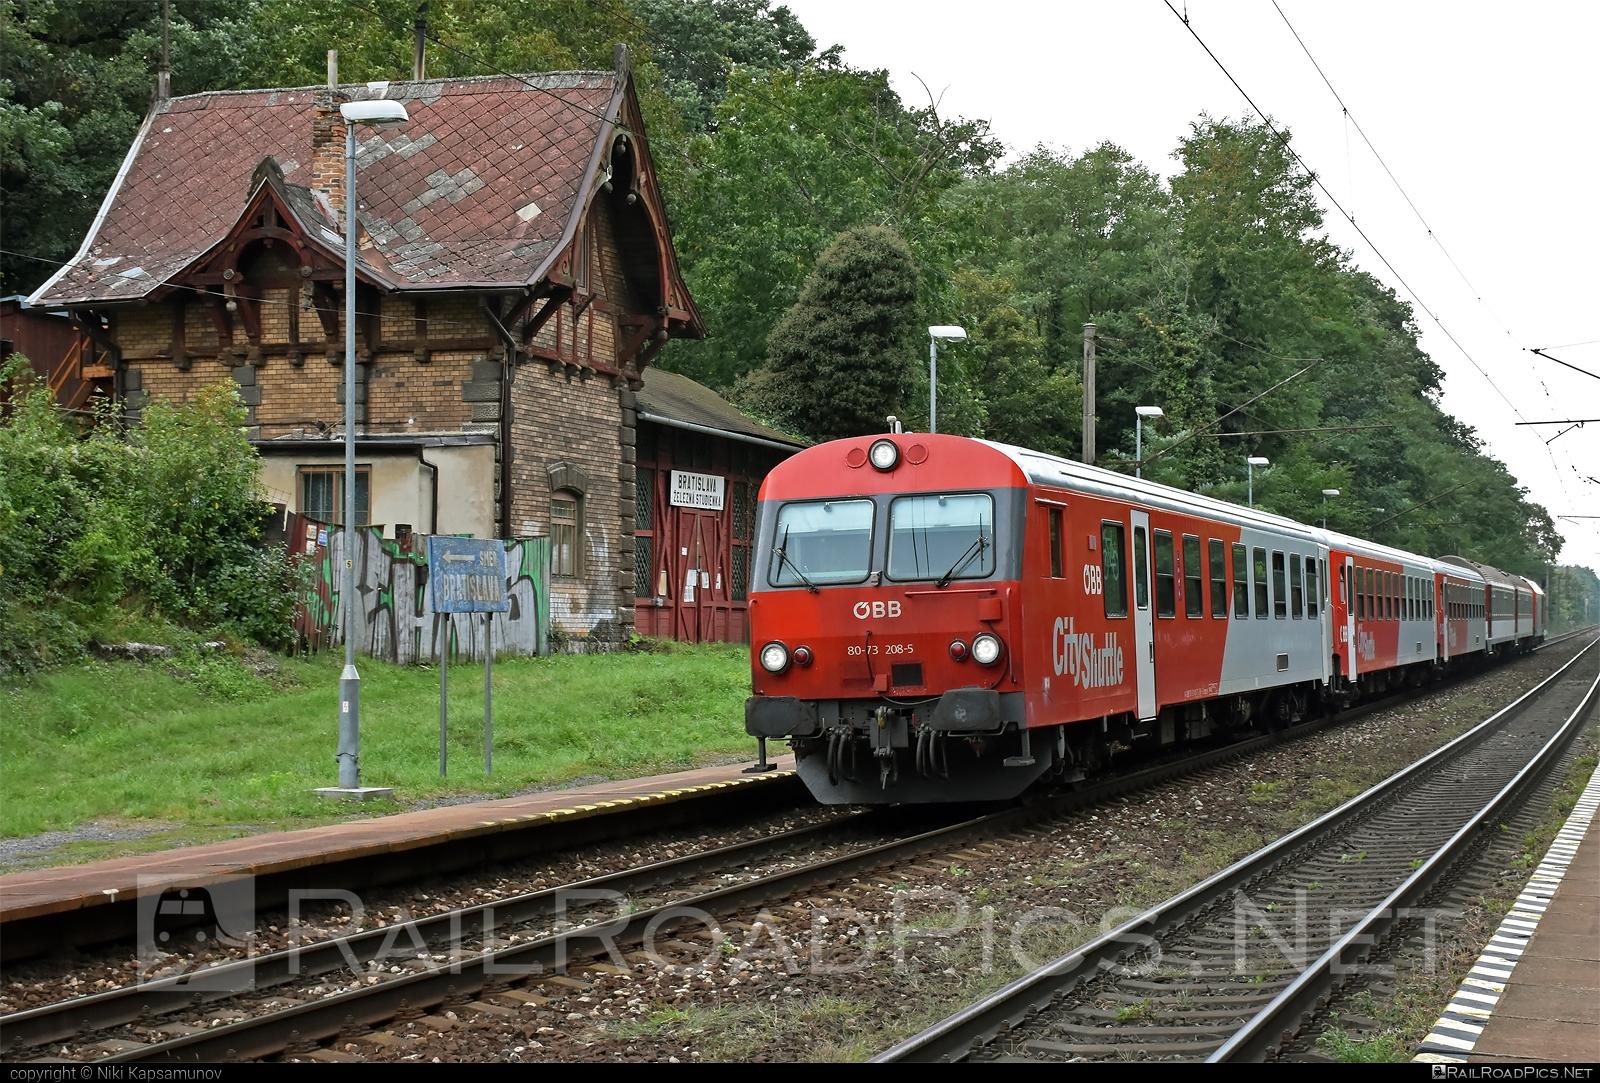 Class B - Bmpz-s - ÖBB CityShuttle control car - 80-73 208-5 operated by Österreichische Bundesbahnen #cityshuttle #obb #obbcityshuttle #osterreichischebundesbahnen